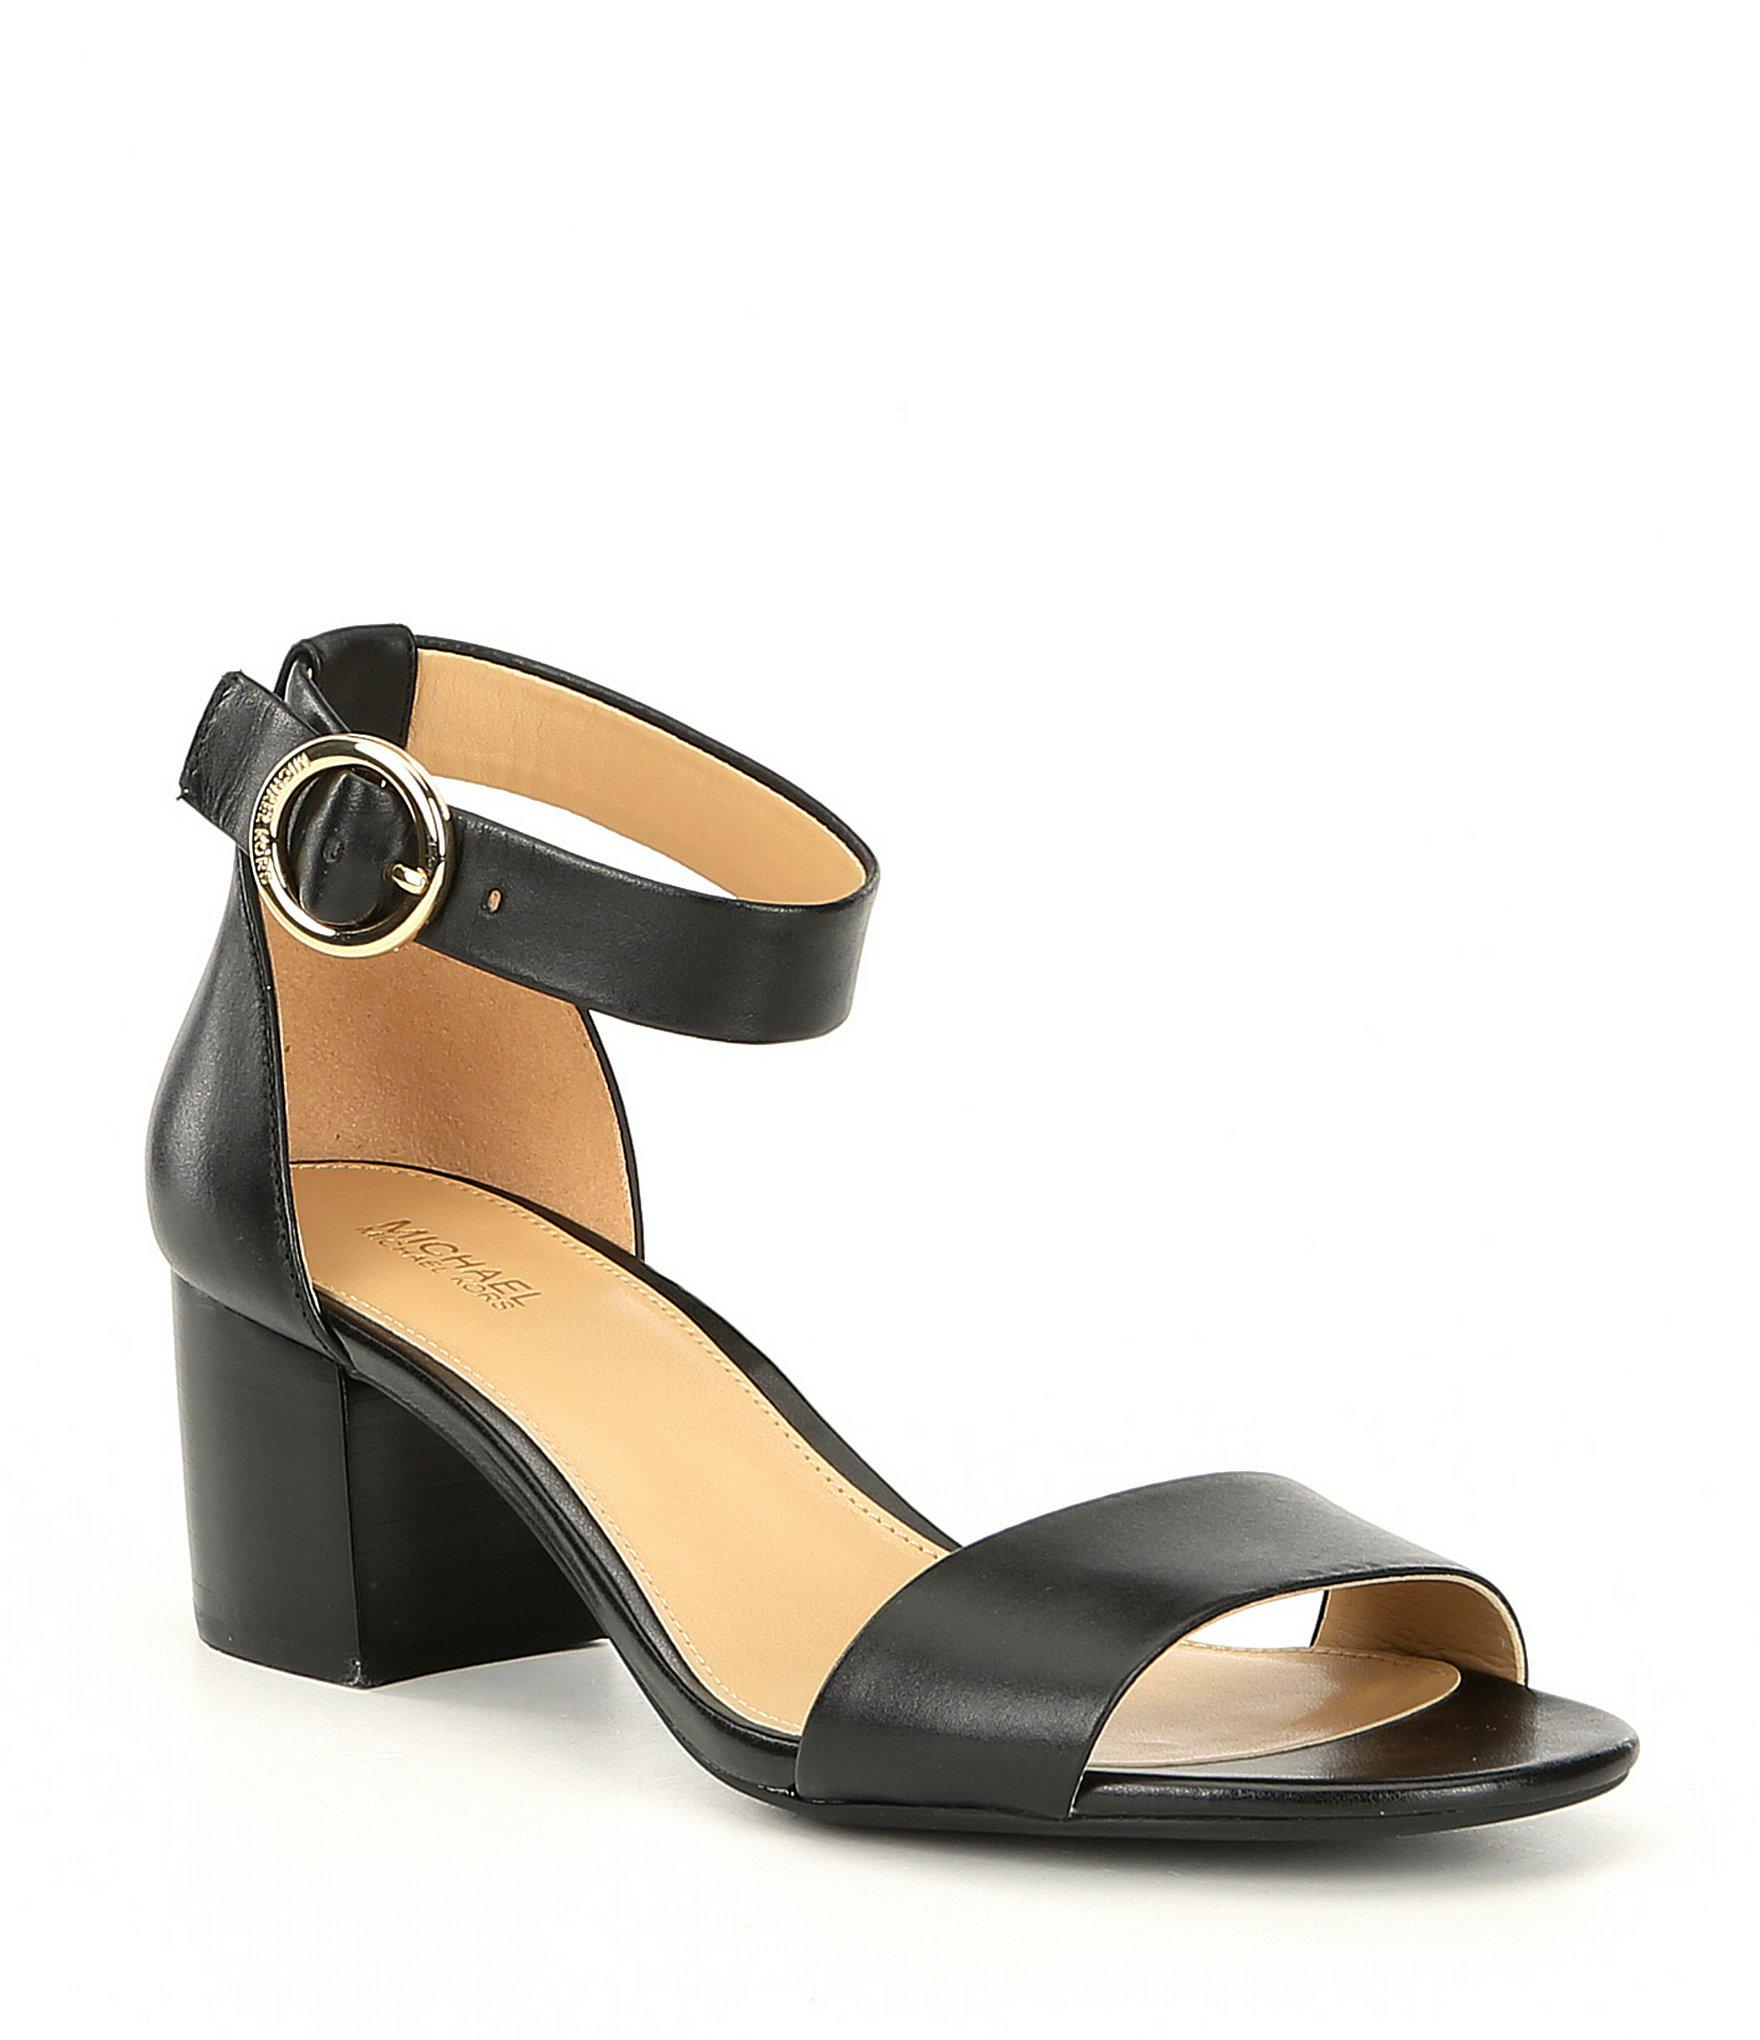 03fa5286de6 Lyst - MICHAEL Michael Kors Lena Flex Block Heel Sandals in Black